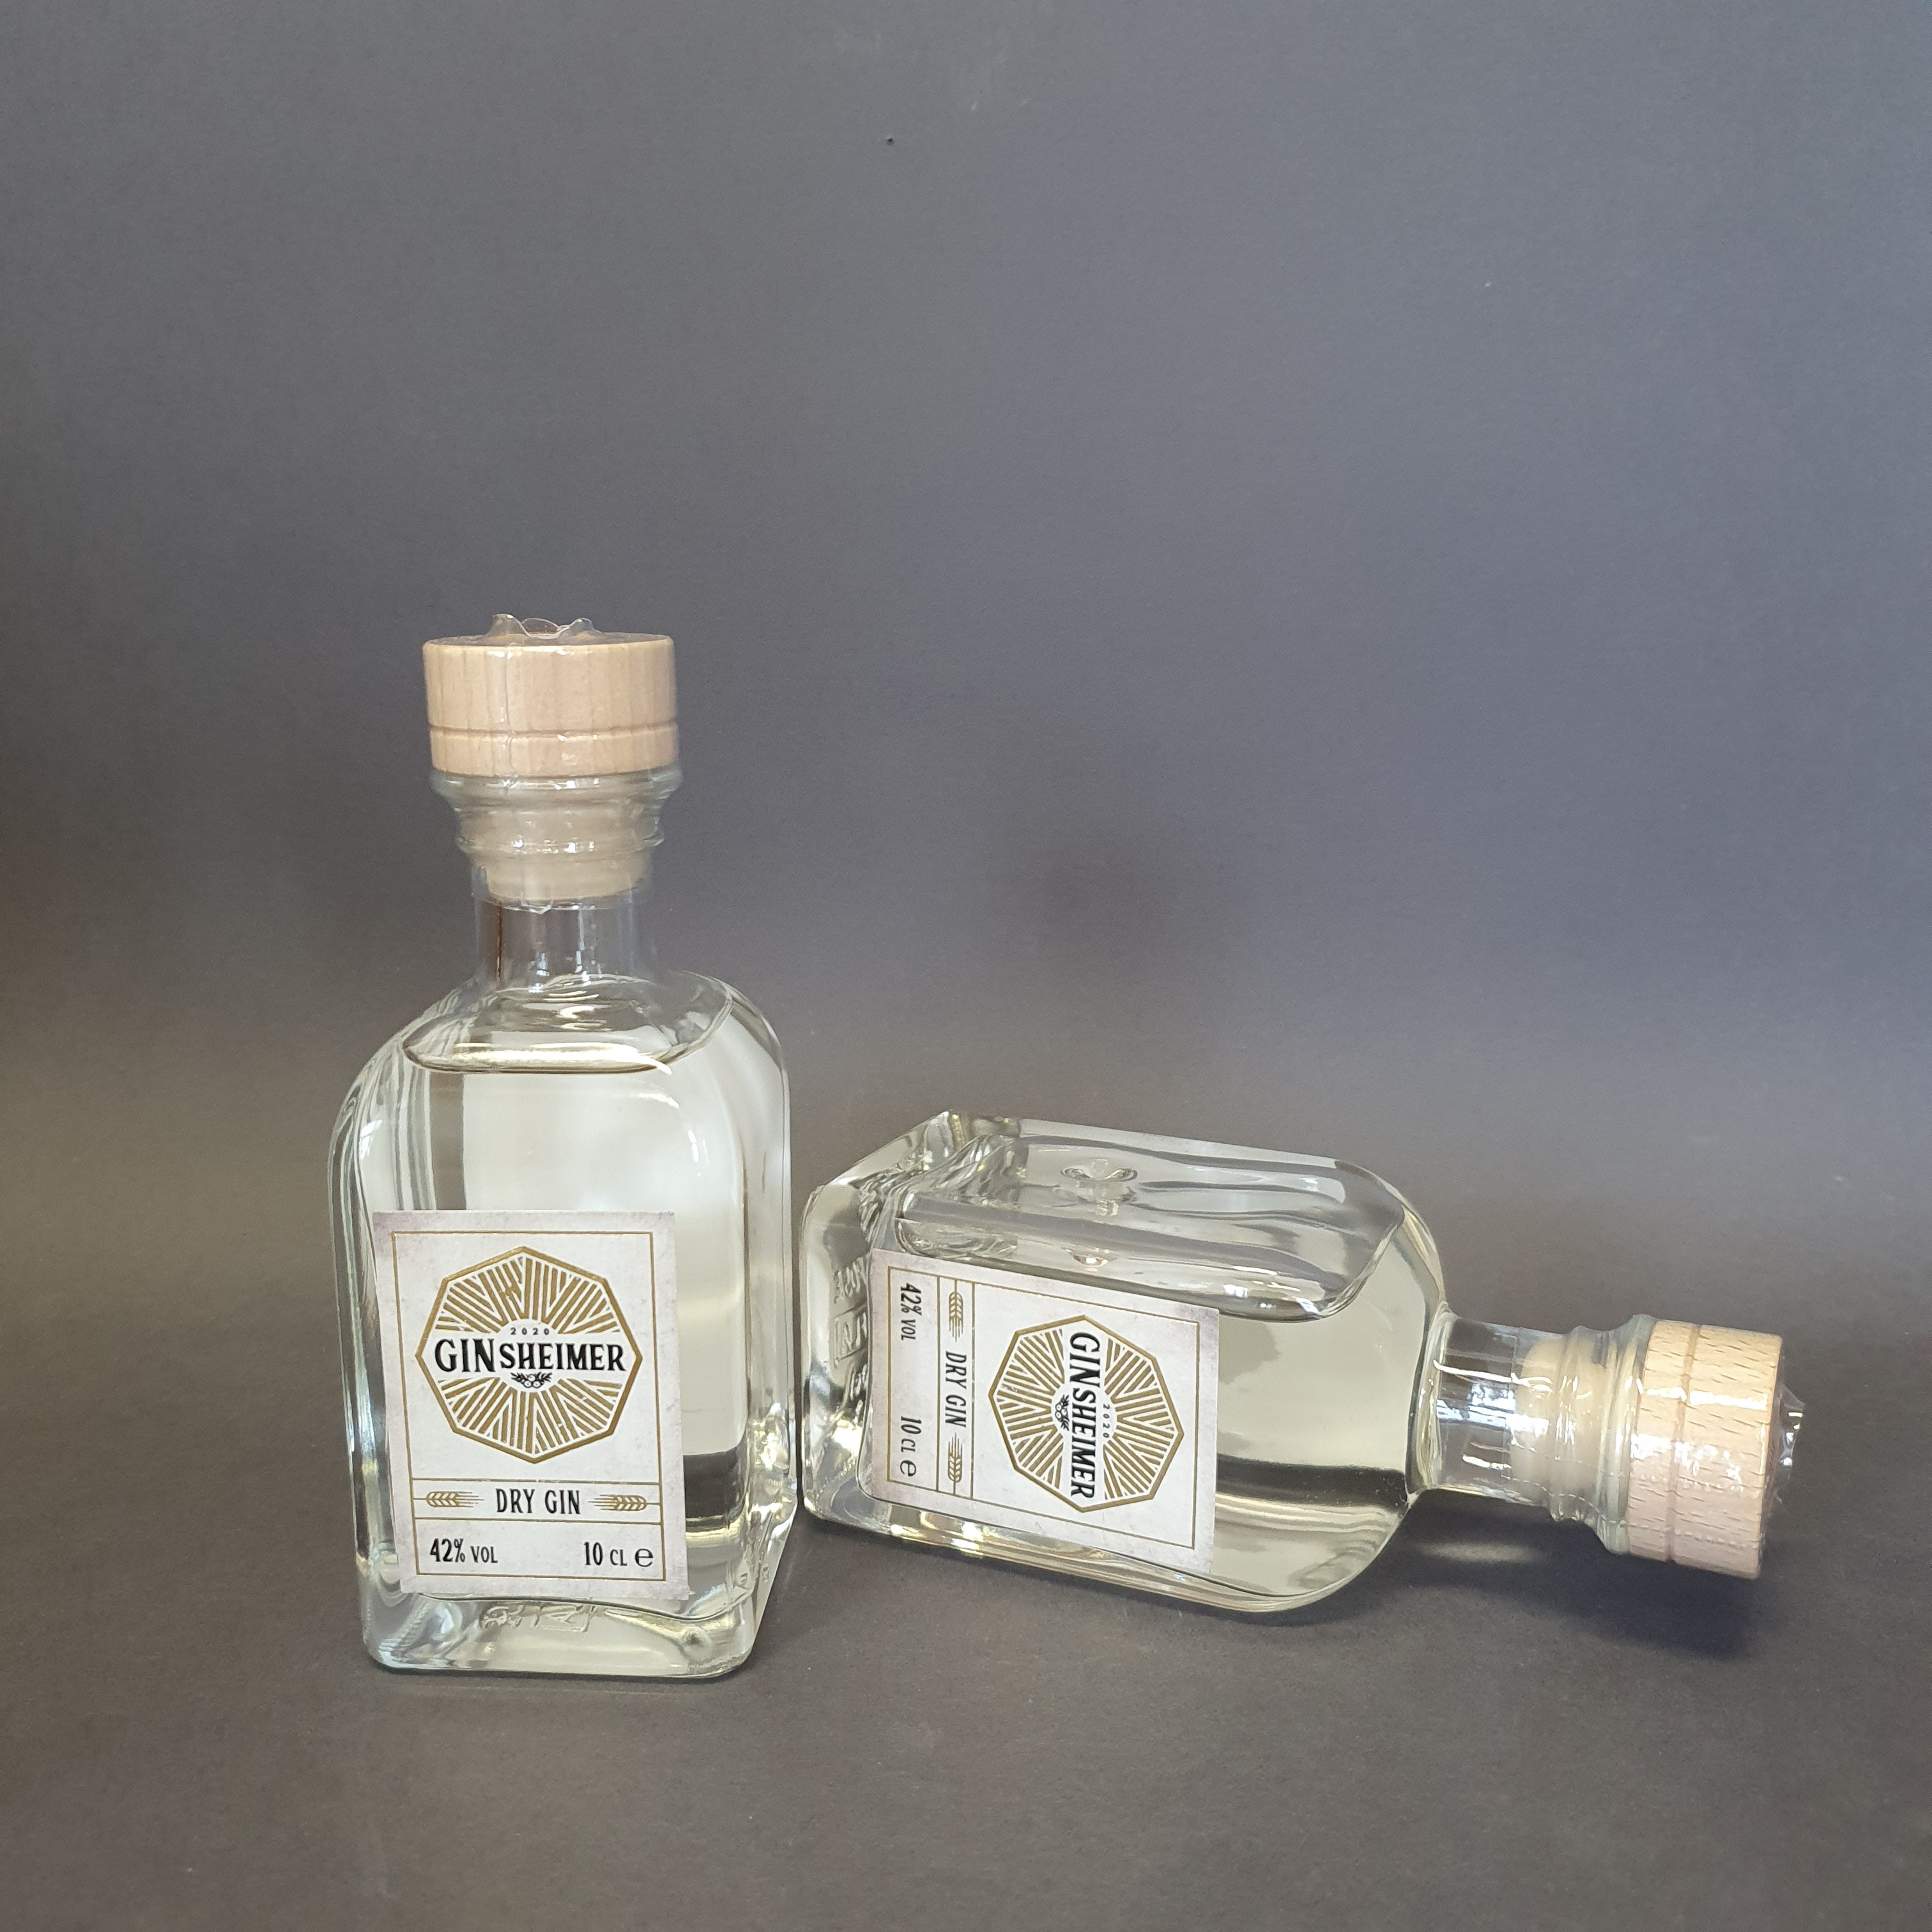 Ginsheimer Gin